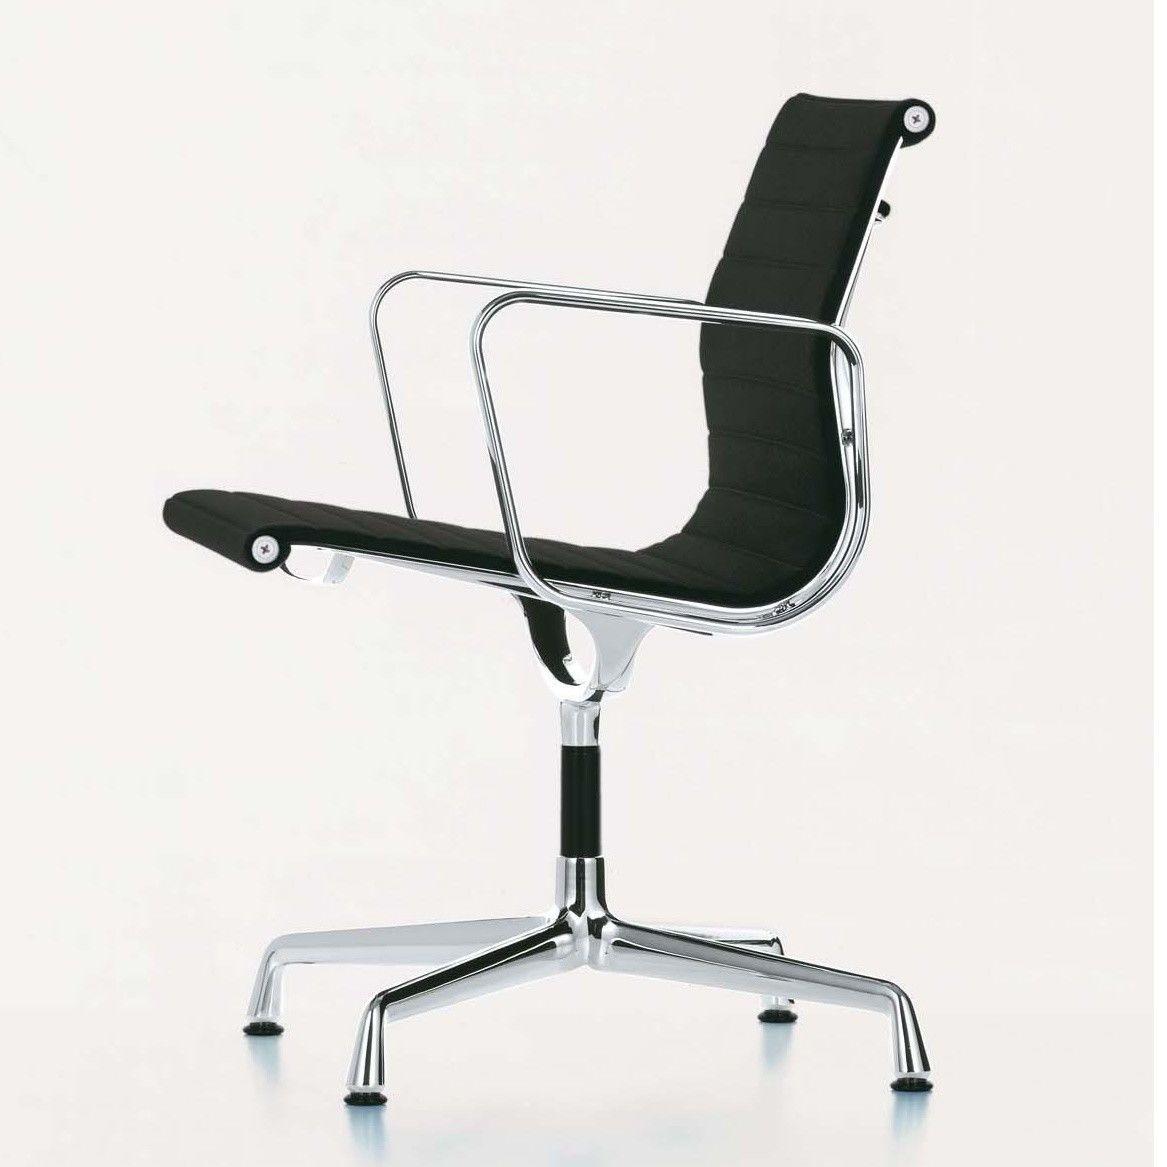 Vitra ea 108 aluminium chair chaise de bureau vitra for Chaise eames vitra soldes